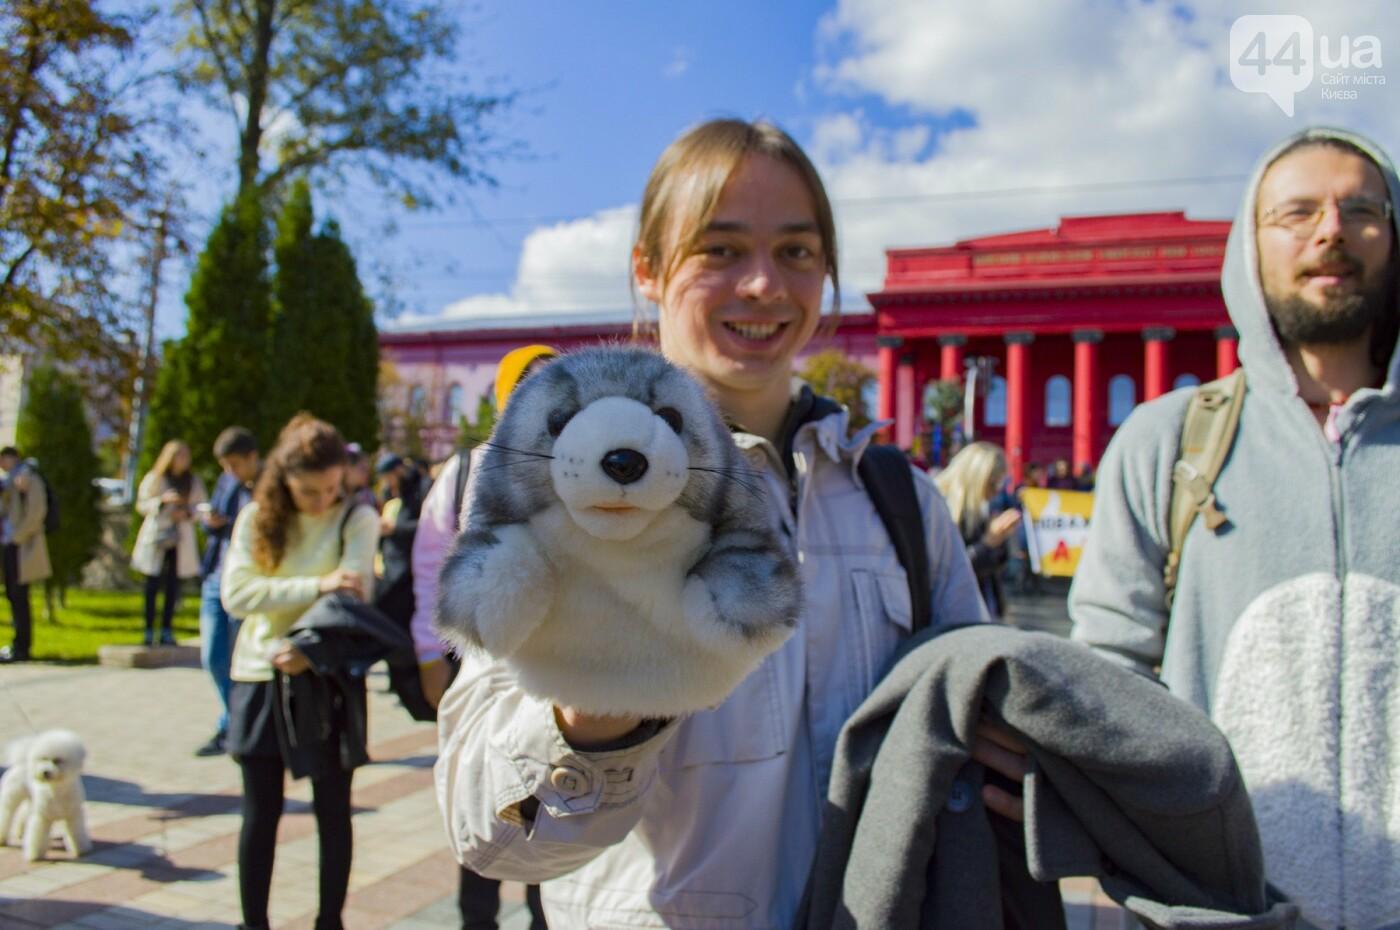 Собаки, коты и хомячки: в Киеве прошла акция за права животных, - ФОТОРЕПОРТАЖ, фото-34